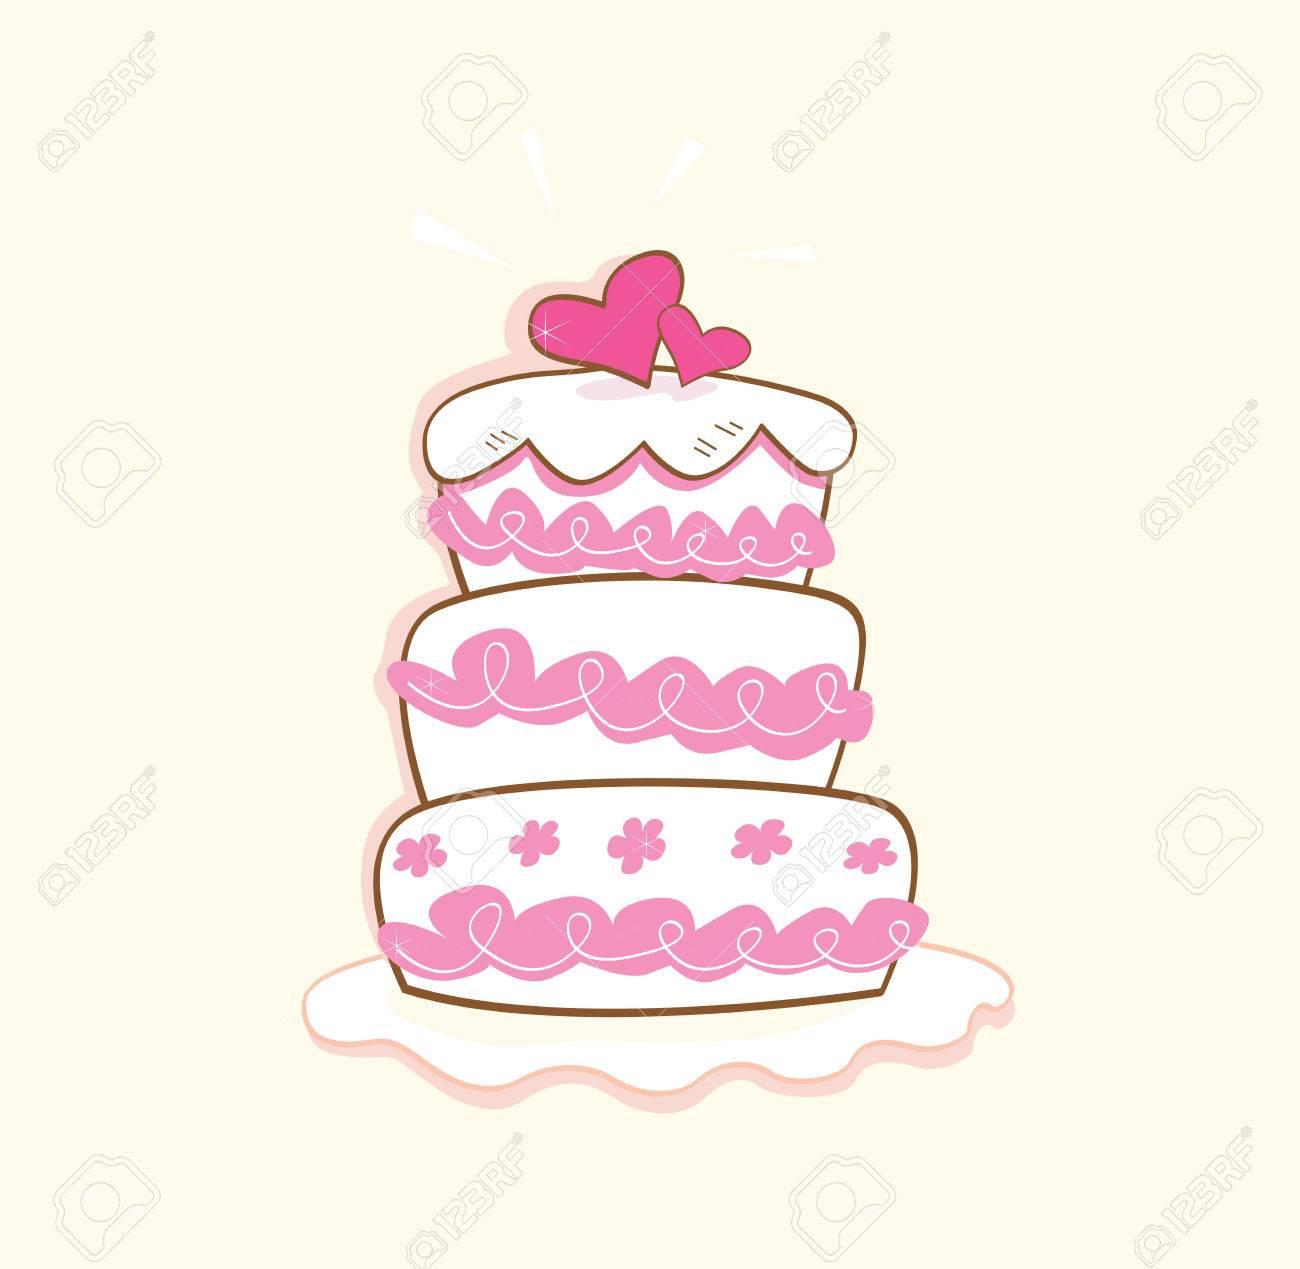 Wedding Cake. Pink Decorative Sweet Cake. May Be Used On Wedding ...